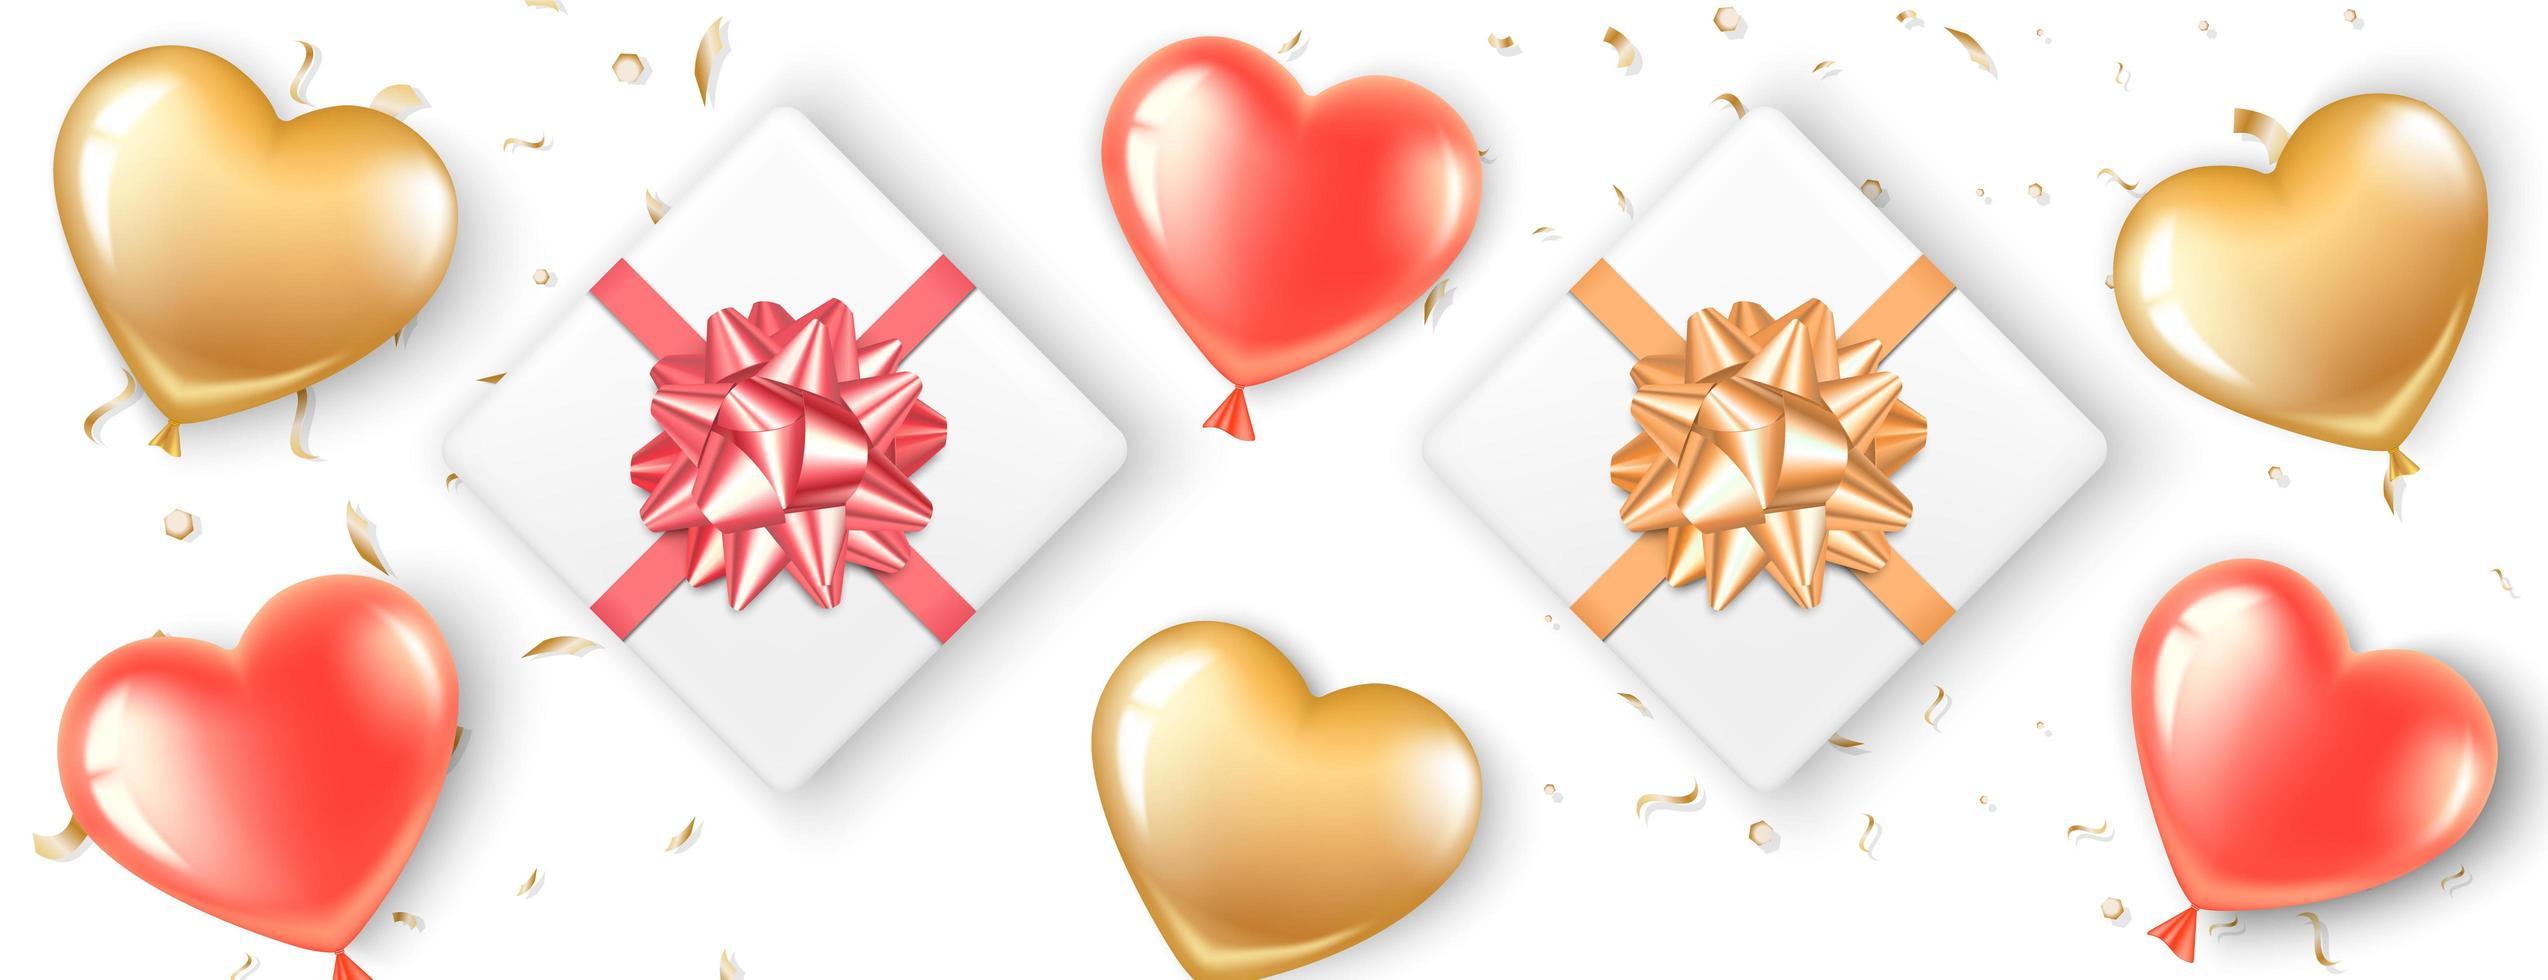 Bannière avec ballons coeur et cadeaux vecteur